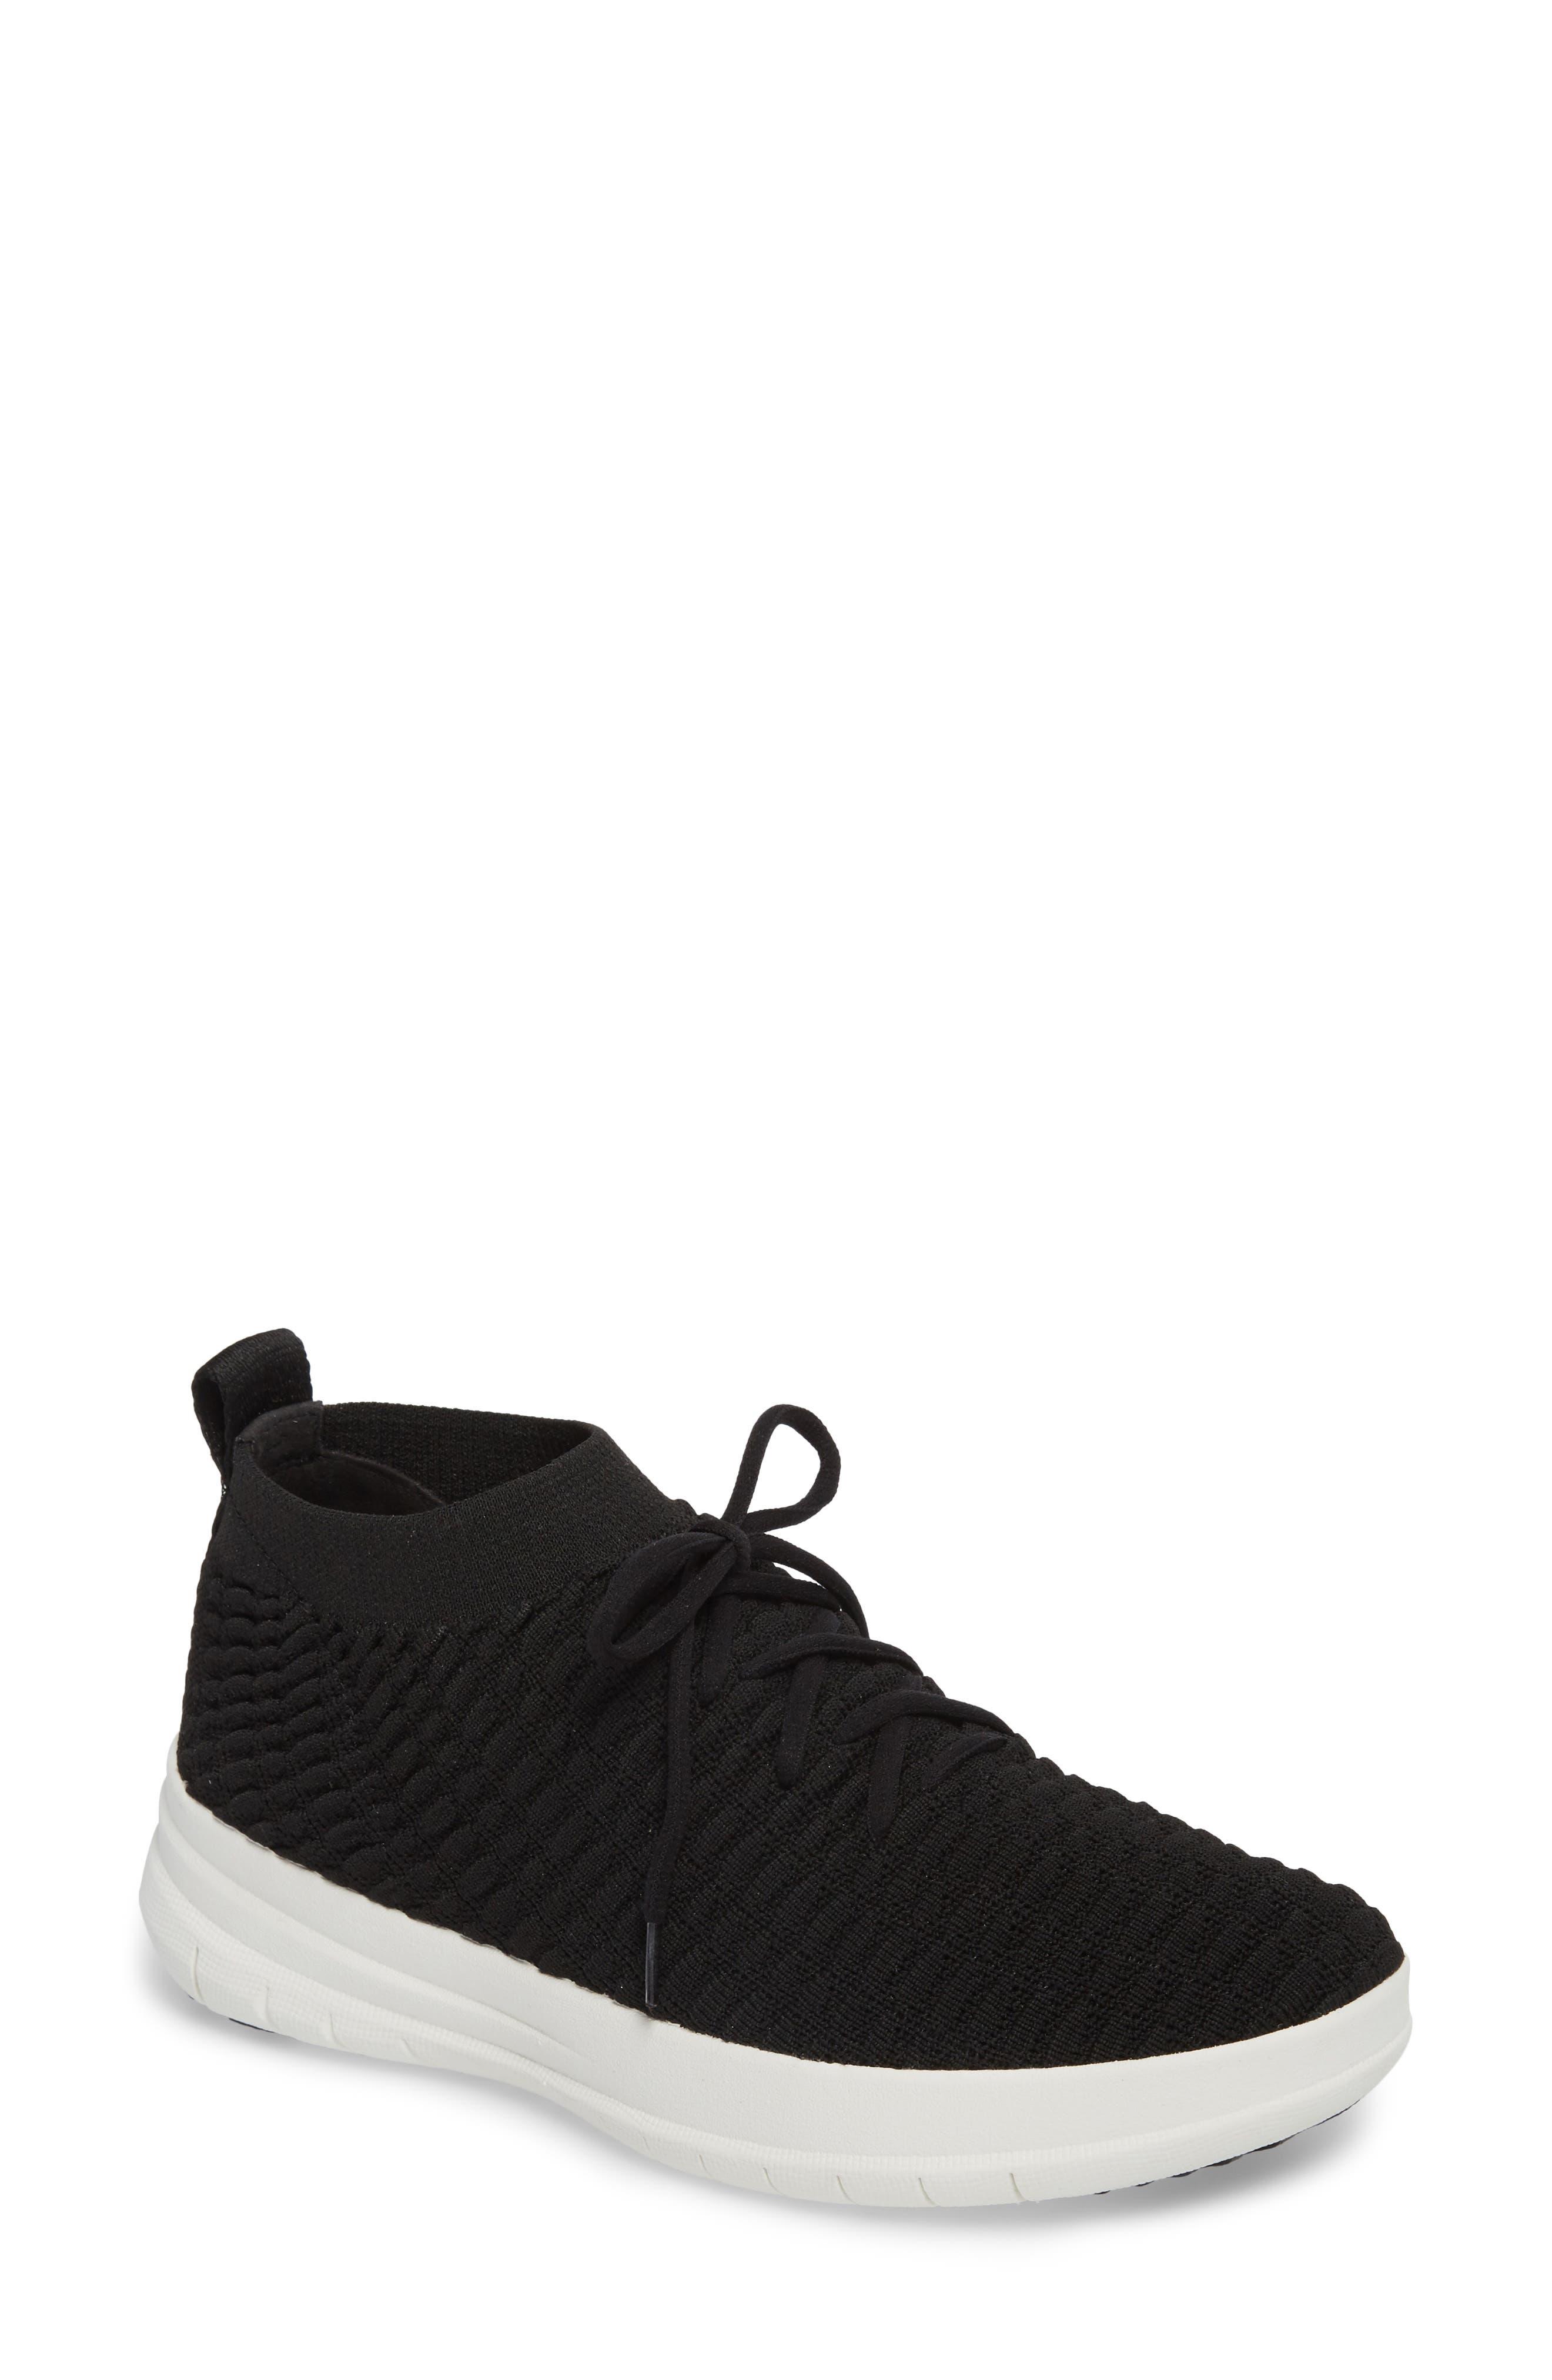 Uberknit<sup>™</sup> Slip-On High Top Sneaker,                         Main,                         color, 001